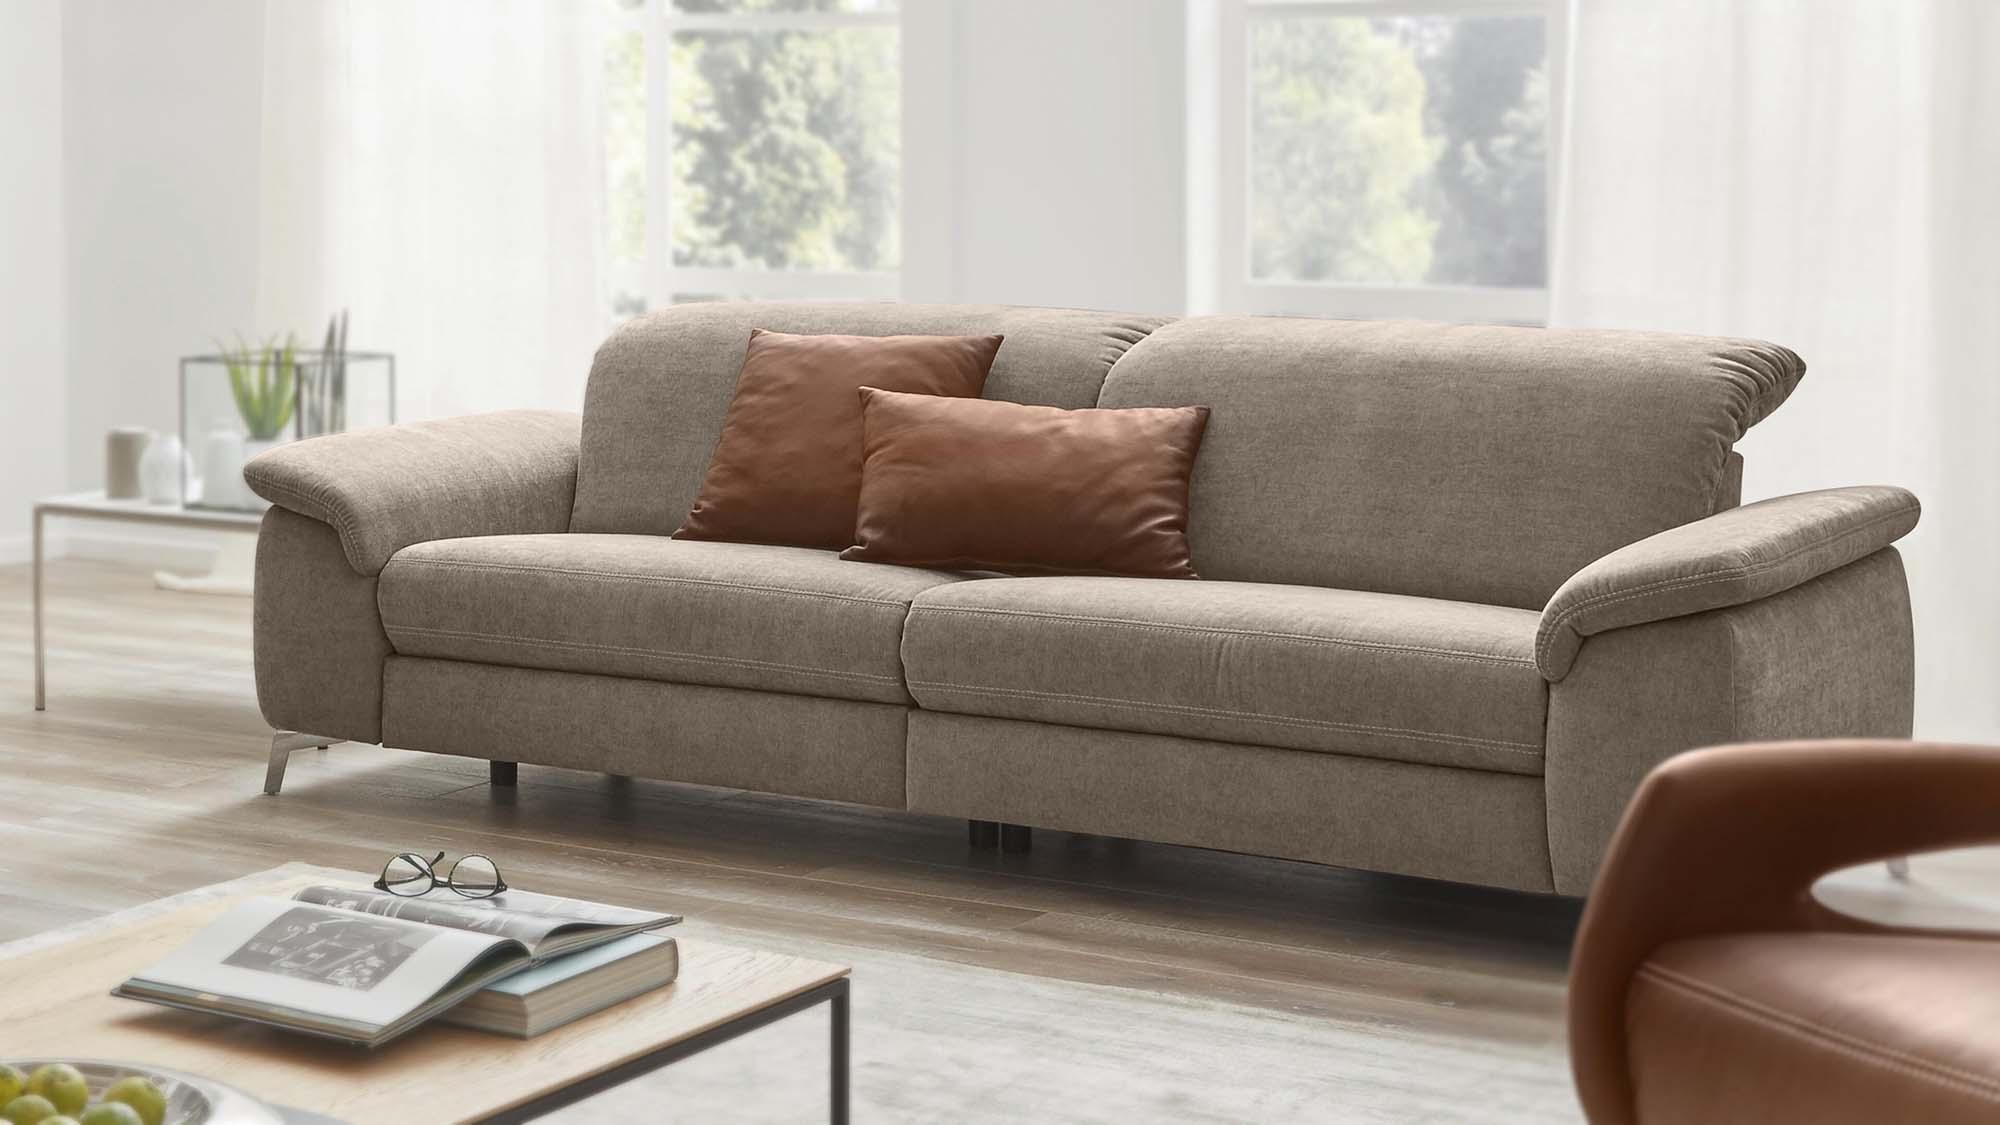 4101 Sofa 3-Sitzer Maxi